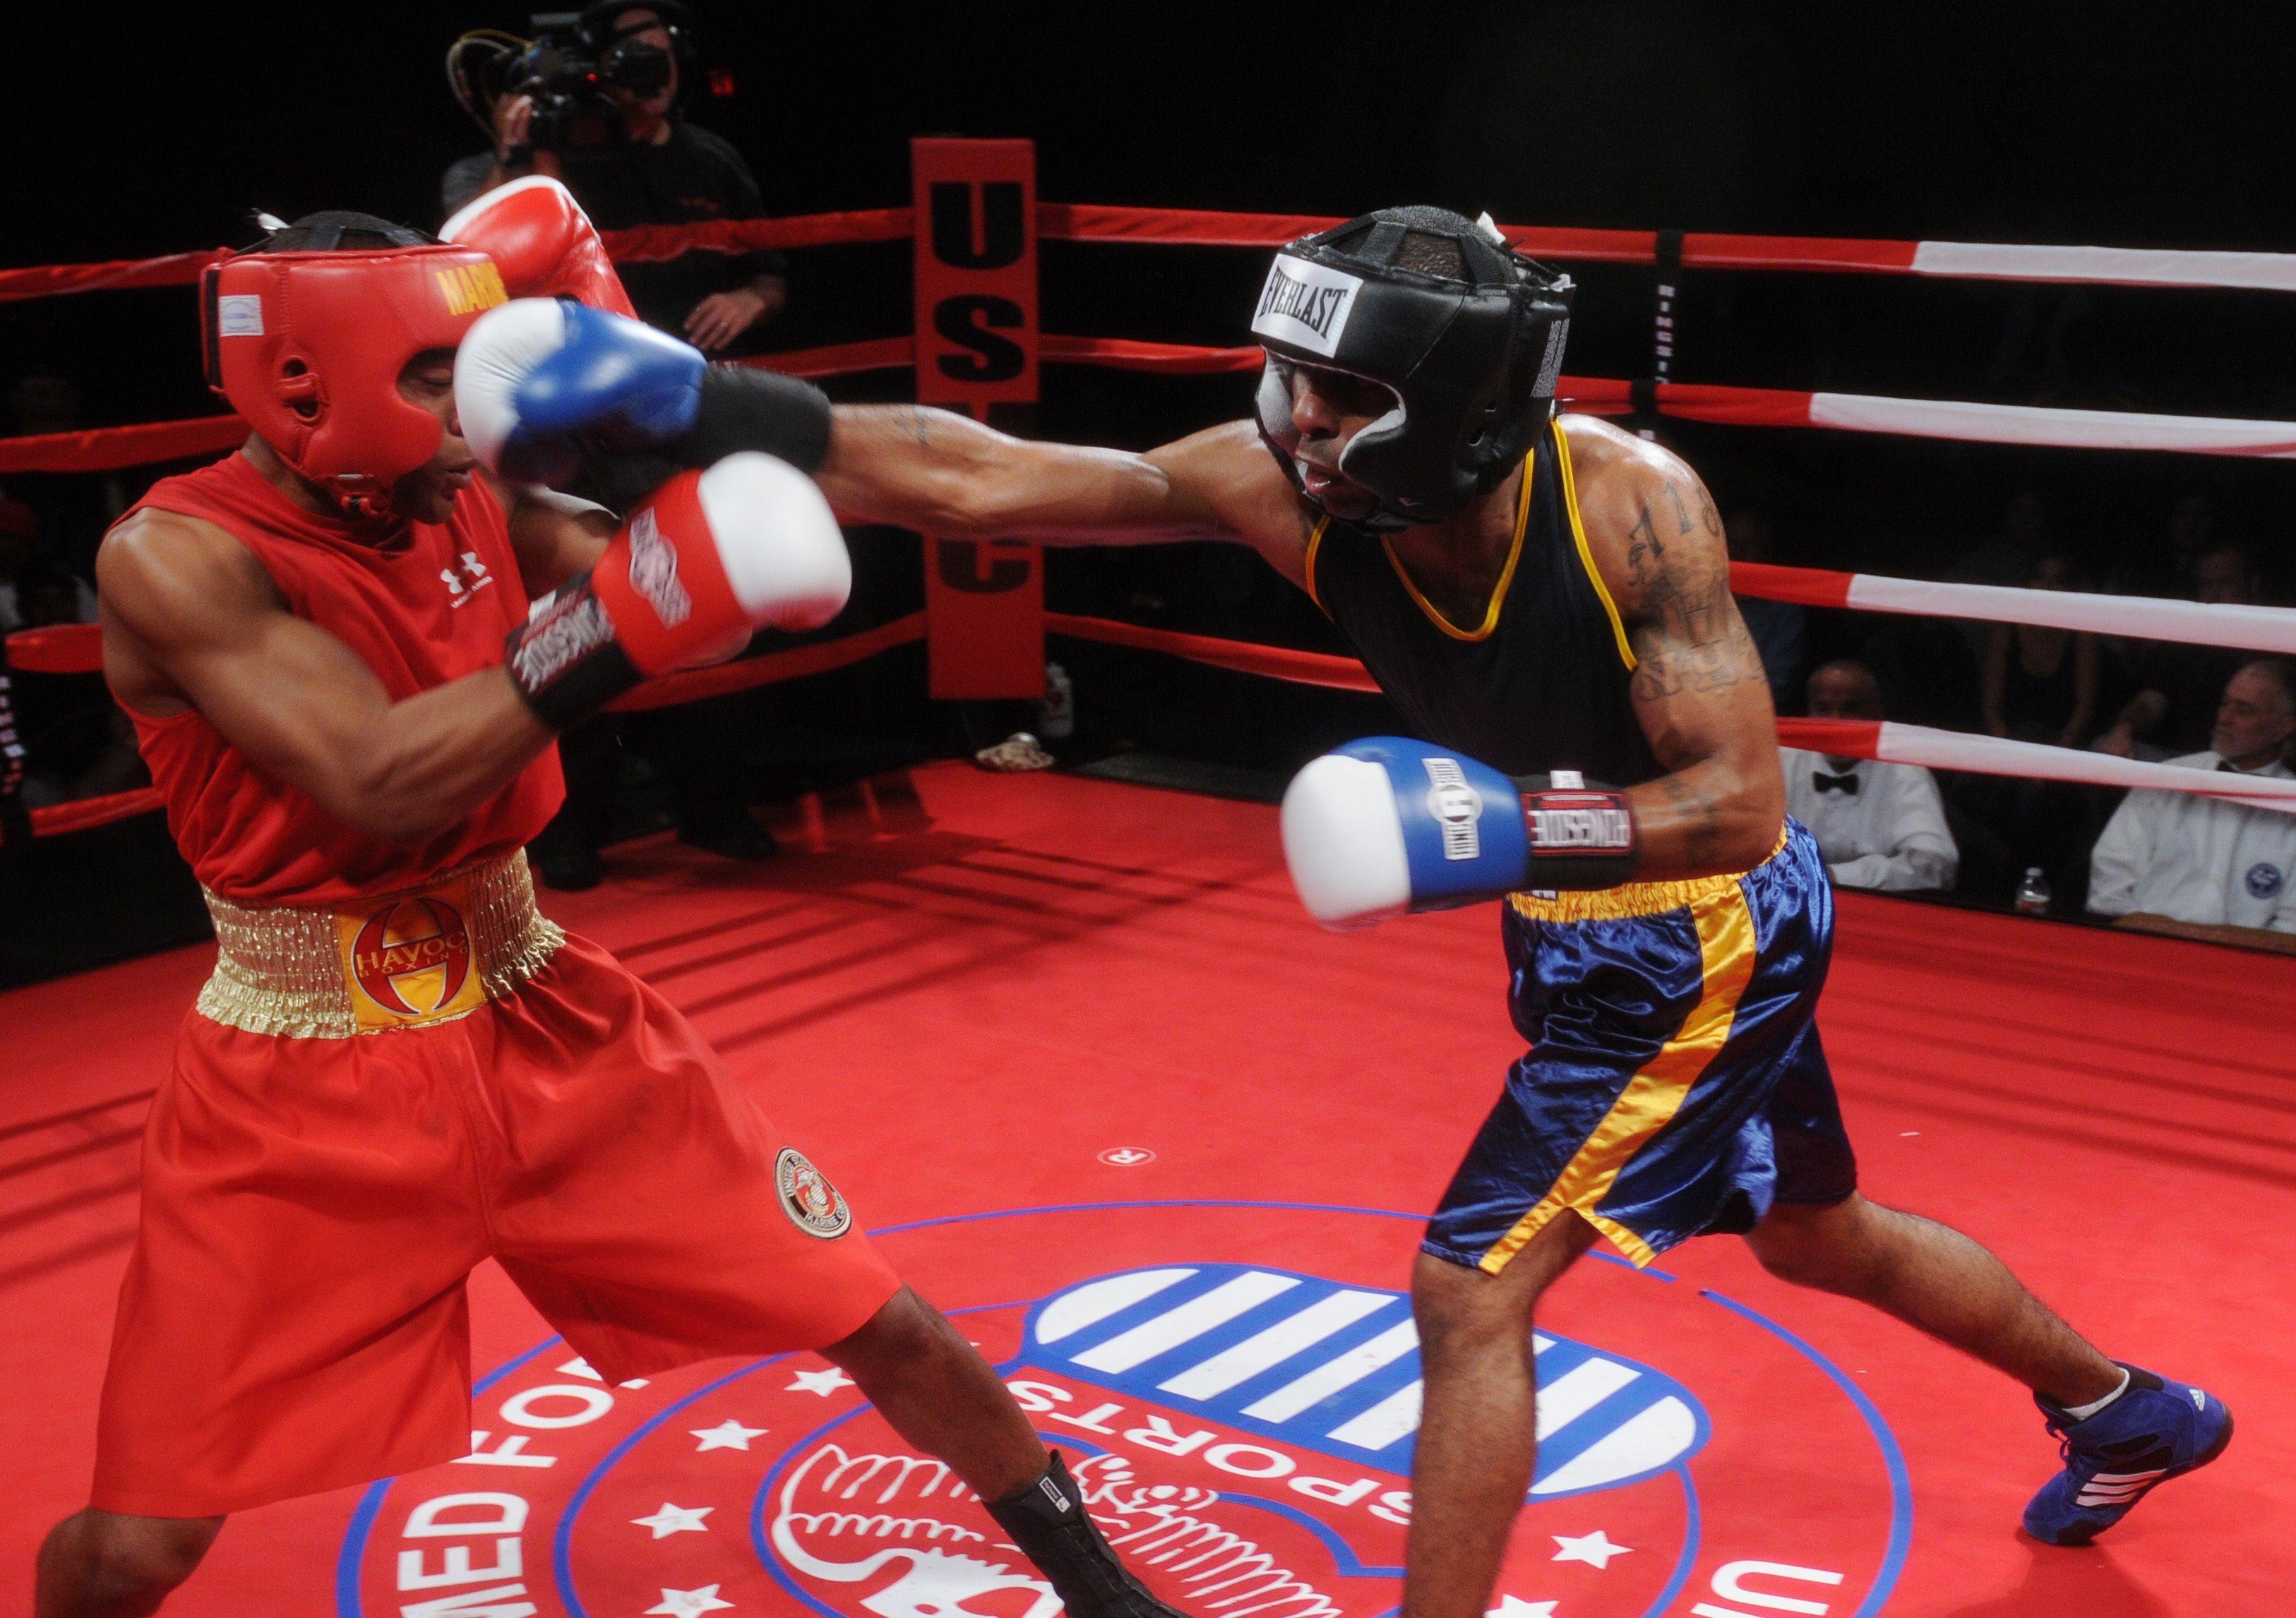 best sparring gloves